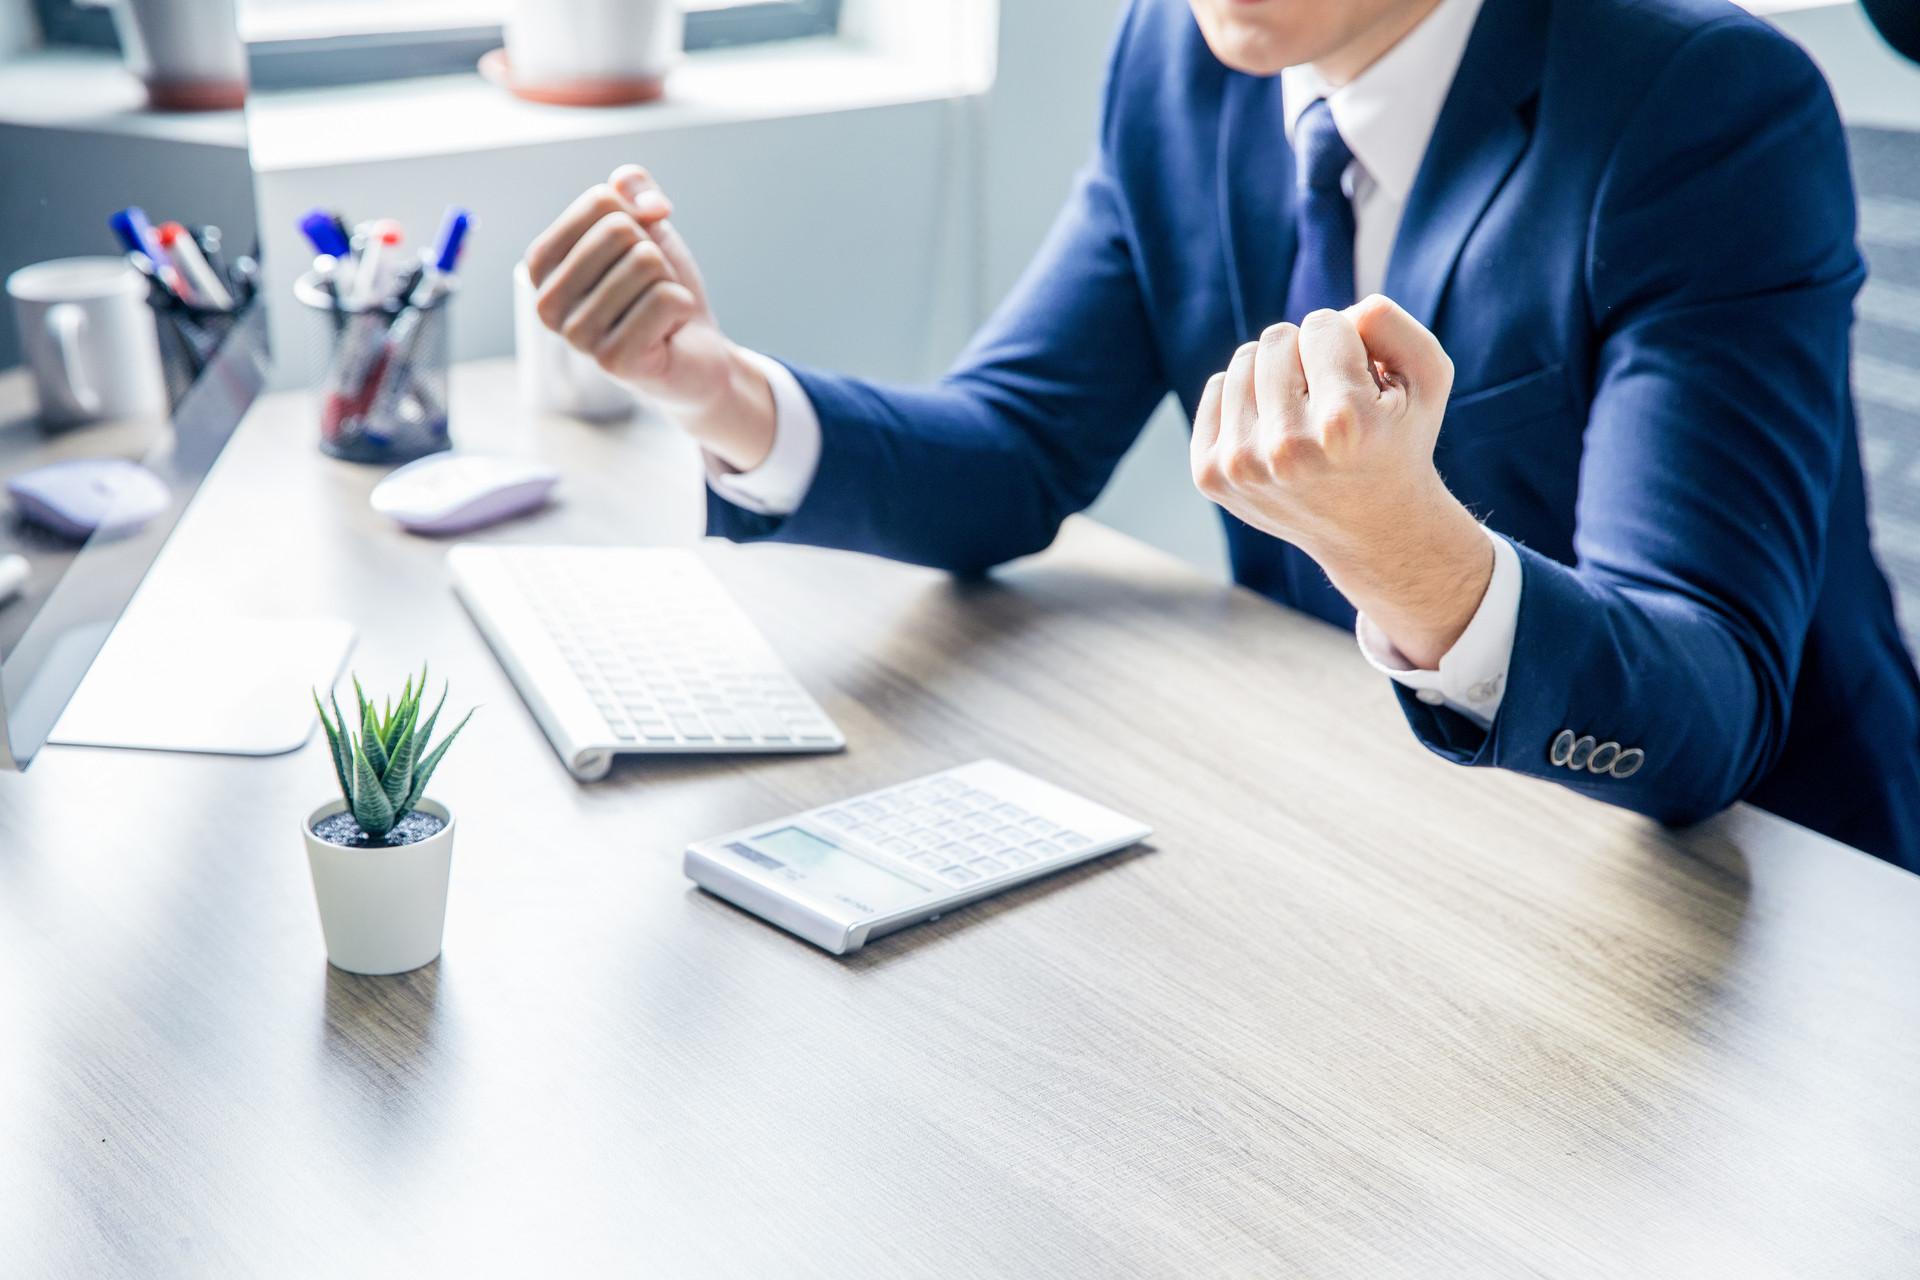 员工在企业上班需要承担哪些社保费用?